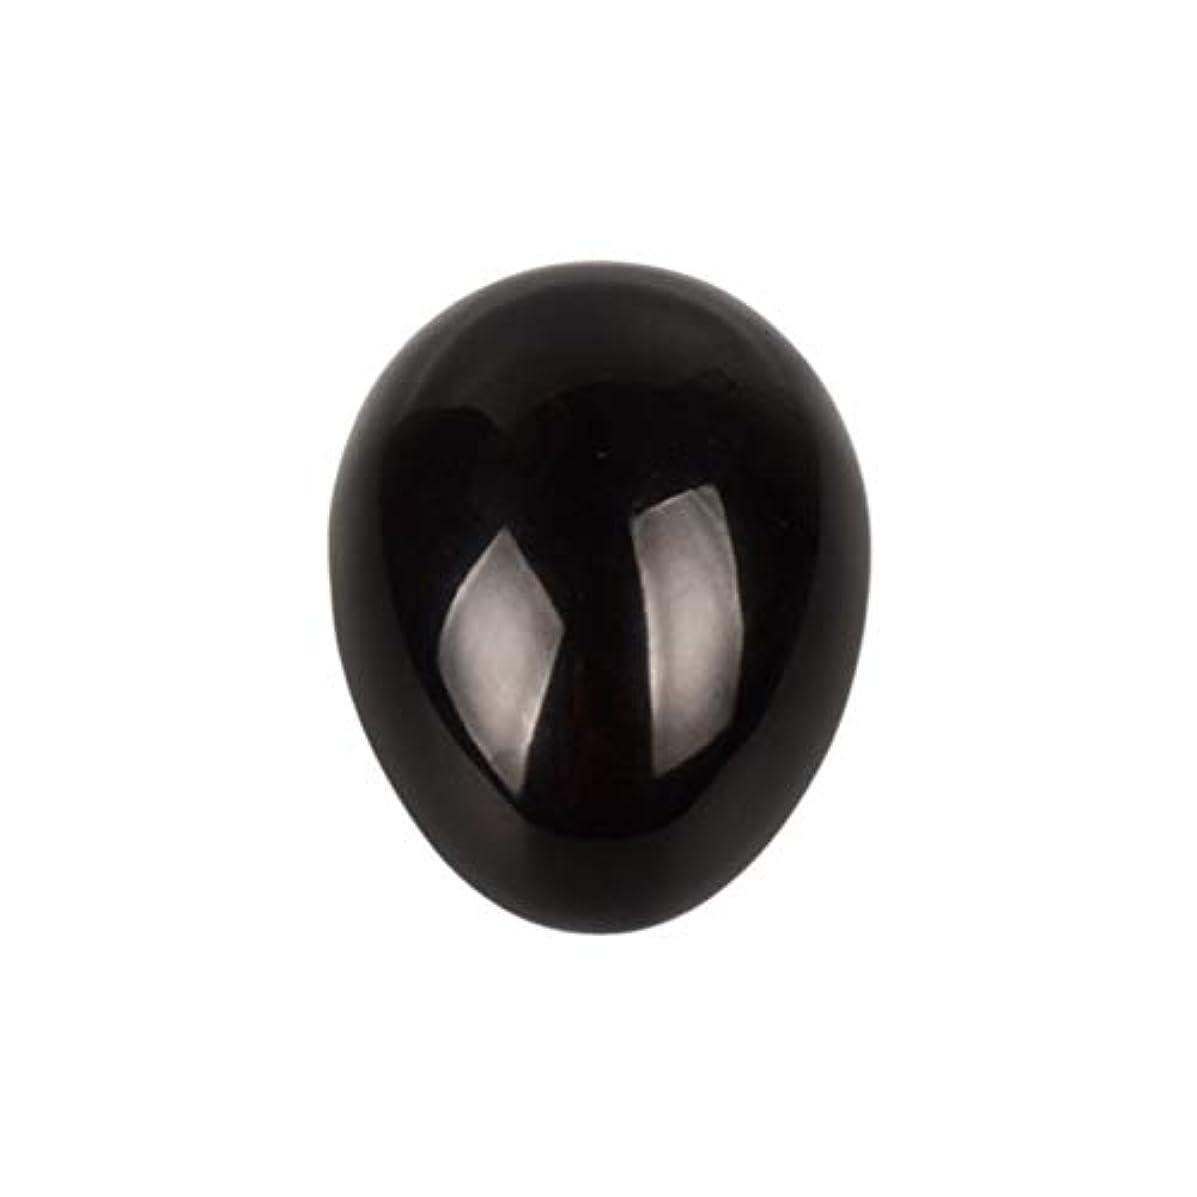 何もない人工スリラーROSENICE 瞑想チャクラバランスのための黒曜石の卵の球